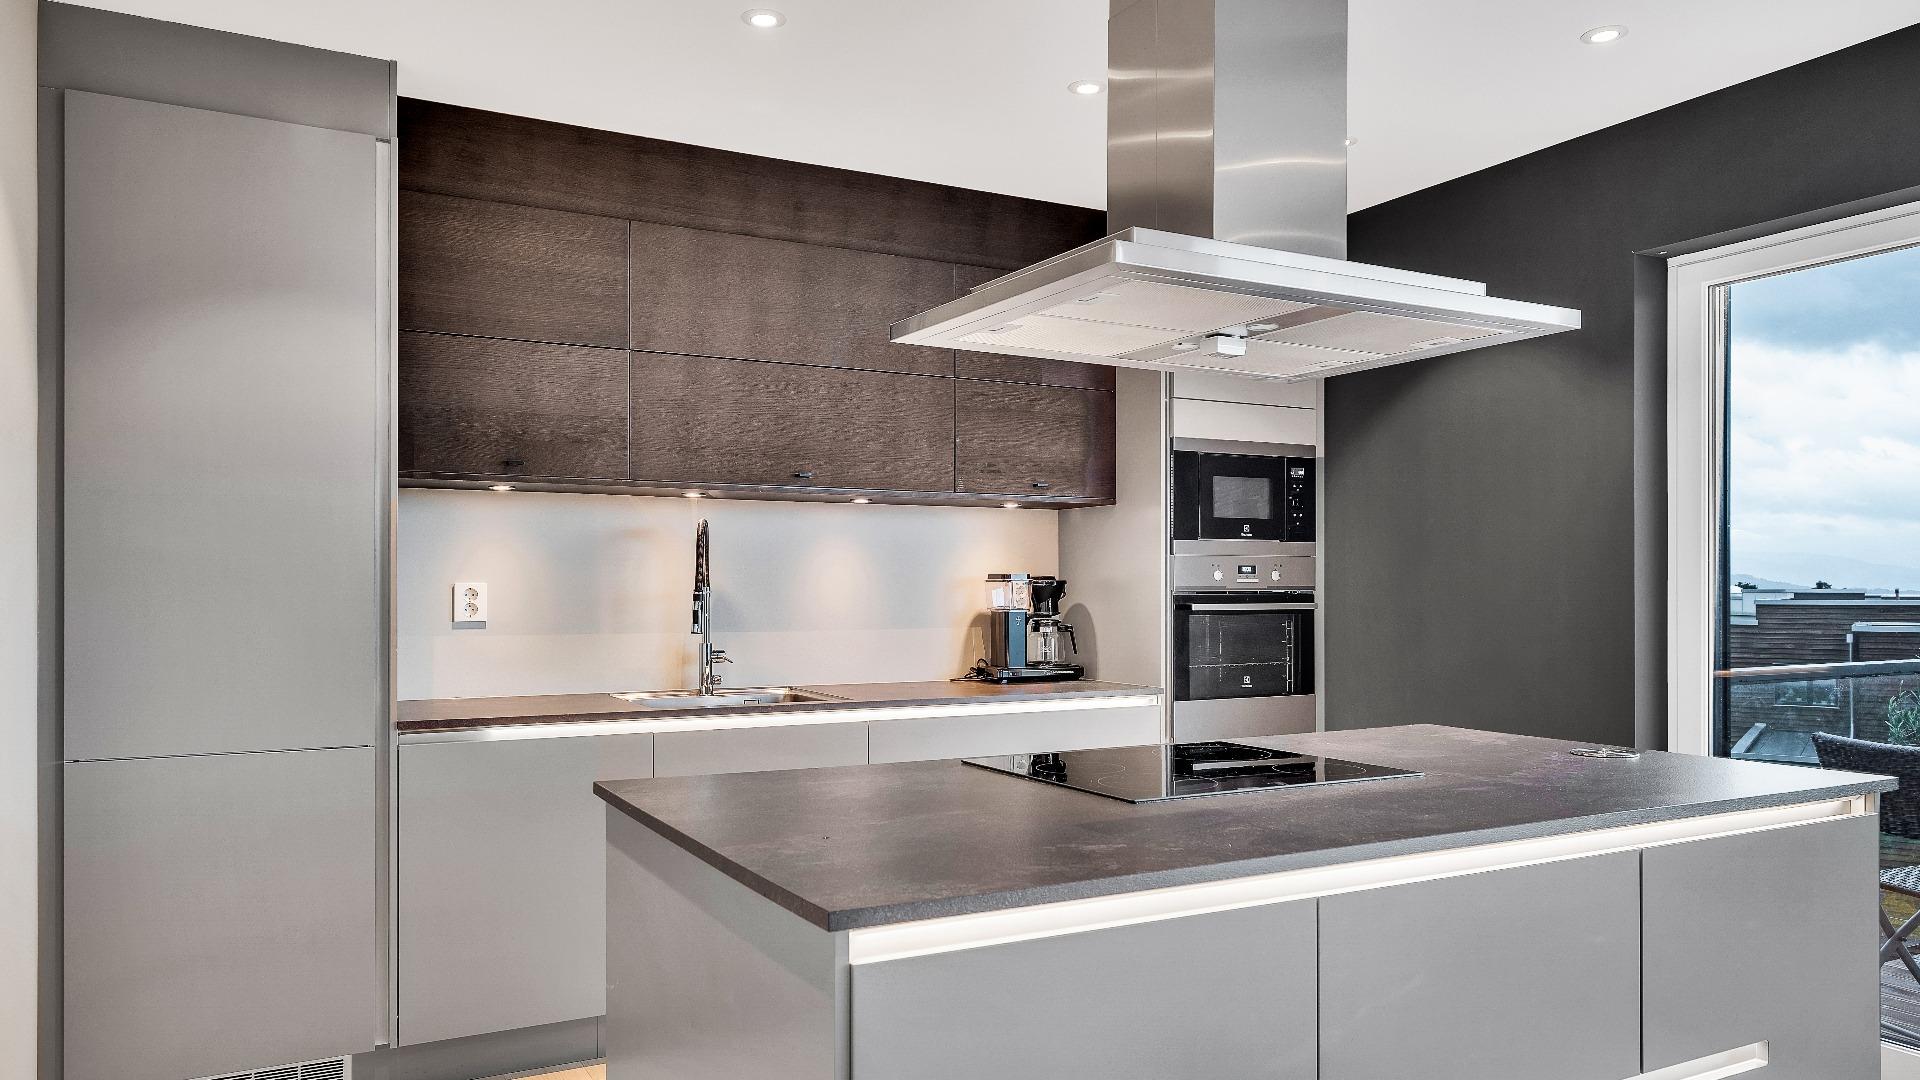 Ønsker du å bytte ut det gamle kjøkkenet? Vi tar jobben